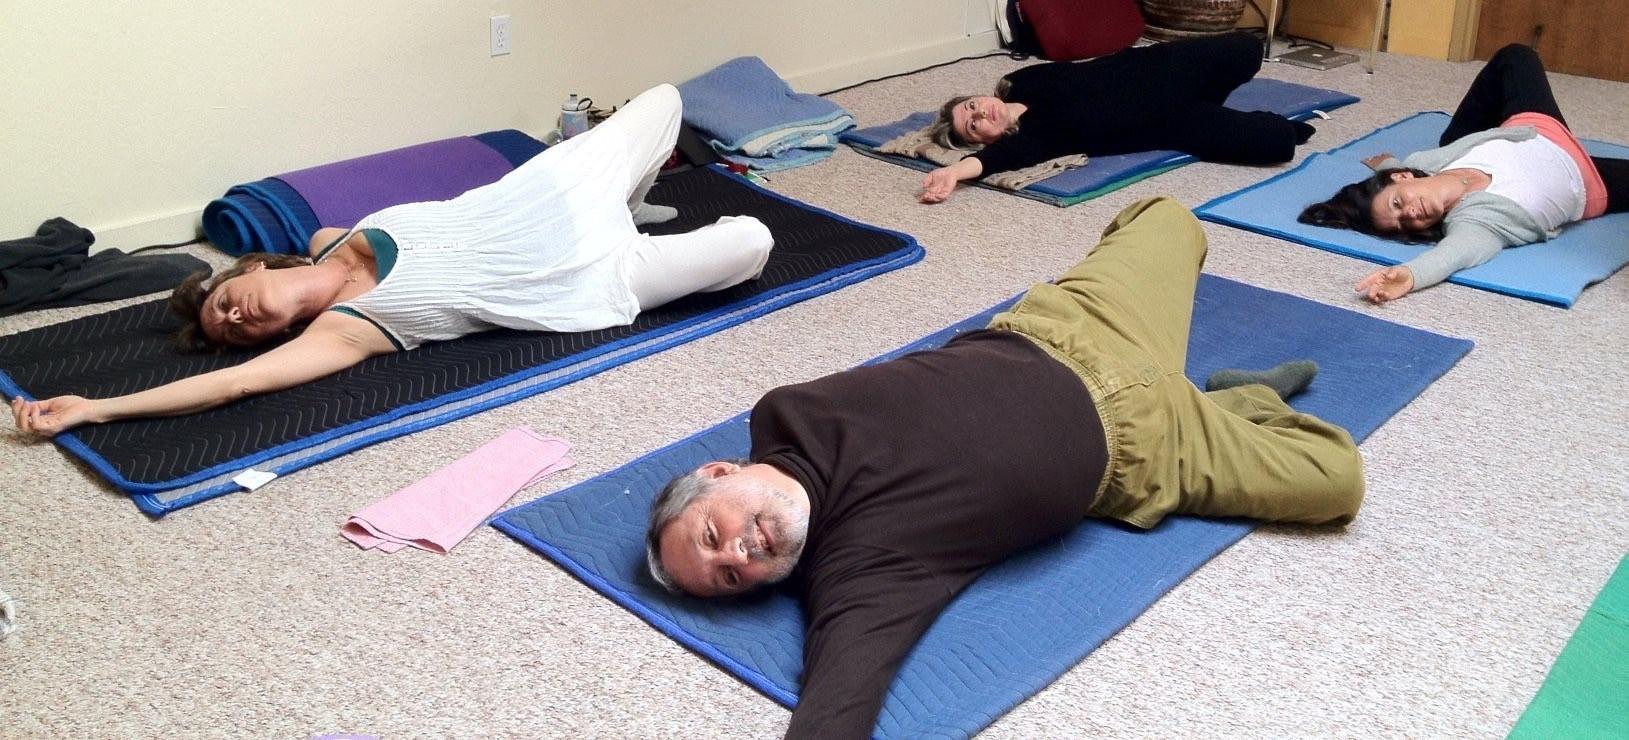 Feldenkrais® Awareness Through Movement® with